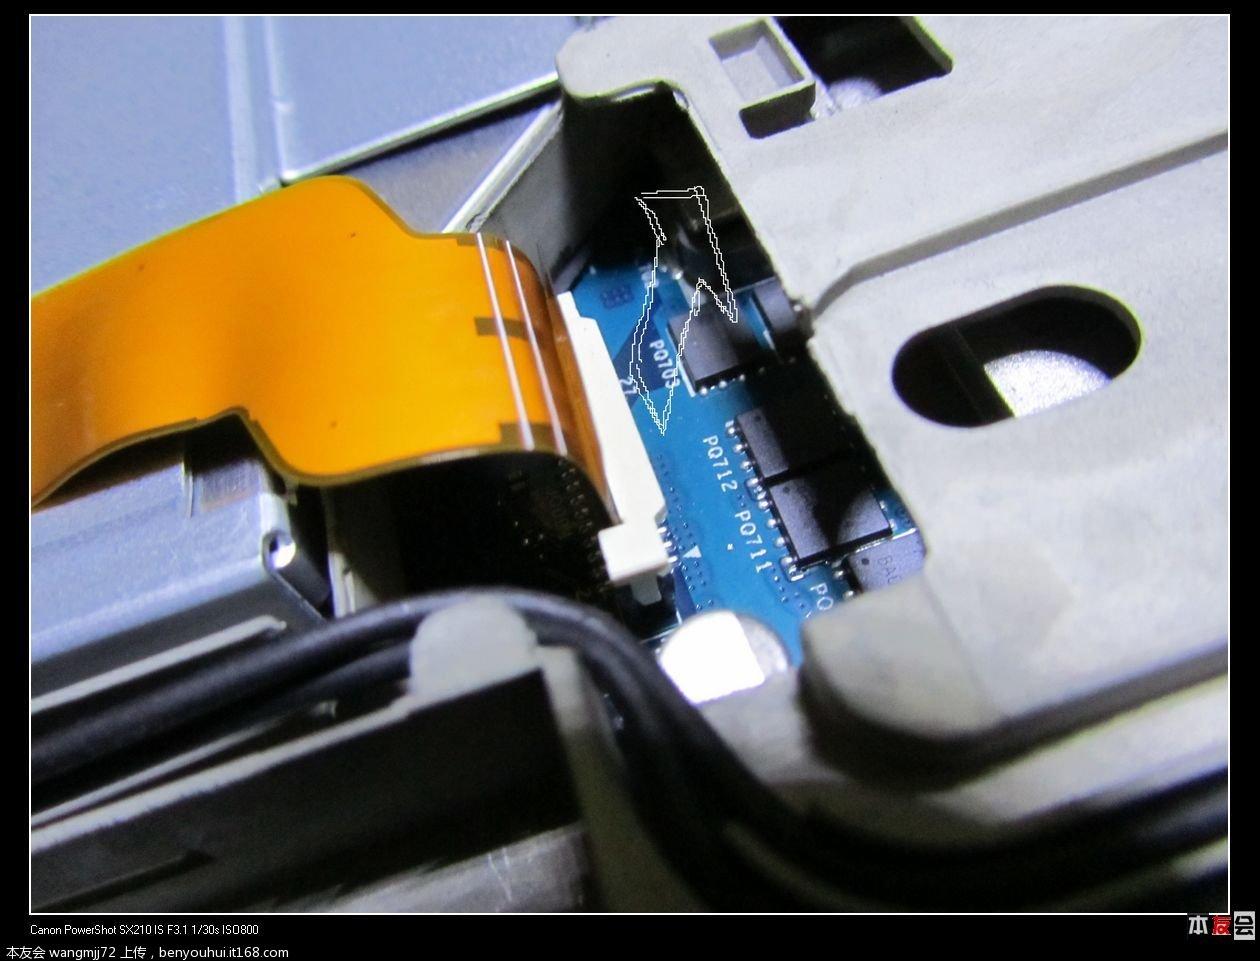 拆机不小心吧笔记本光驱排线连接处的白色塑料